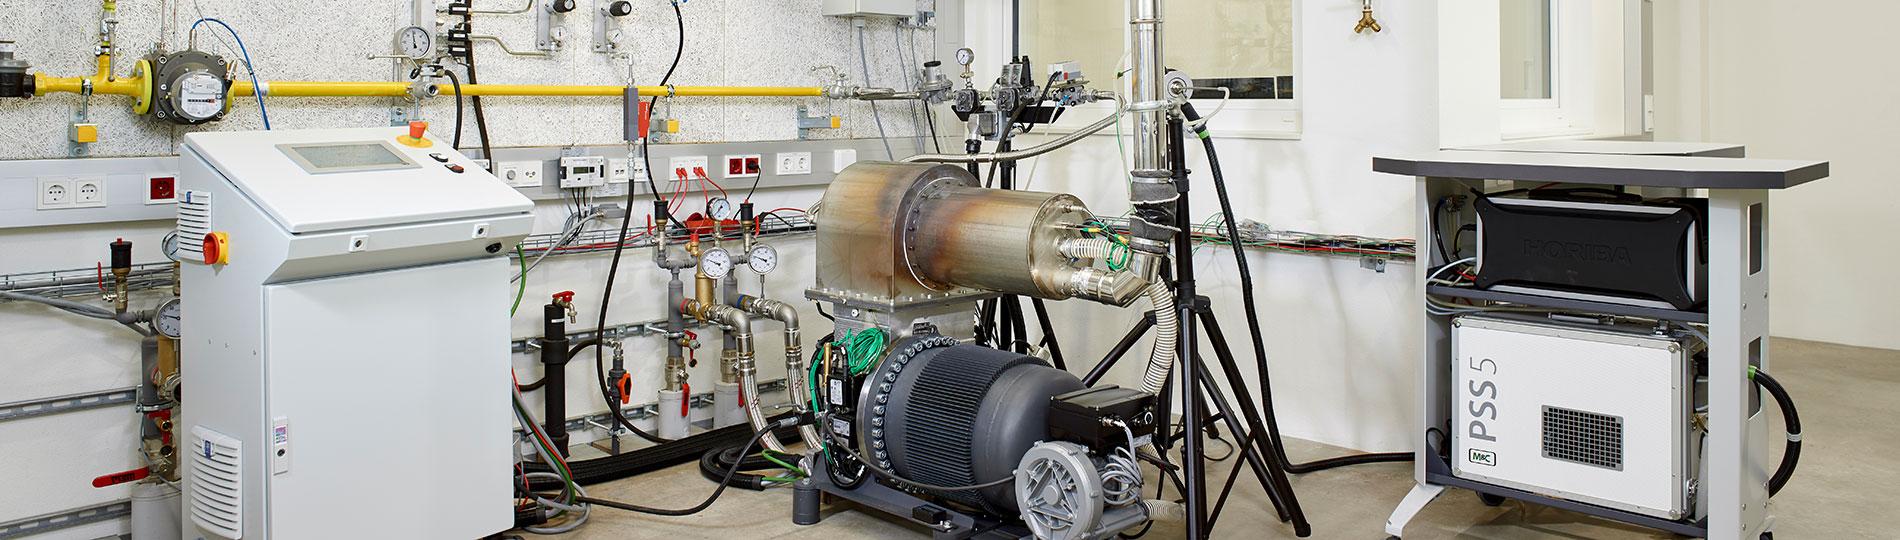 Frauscher alphagamma® Stirliing engine